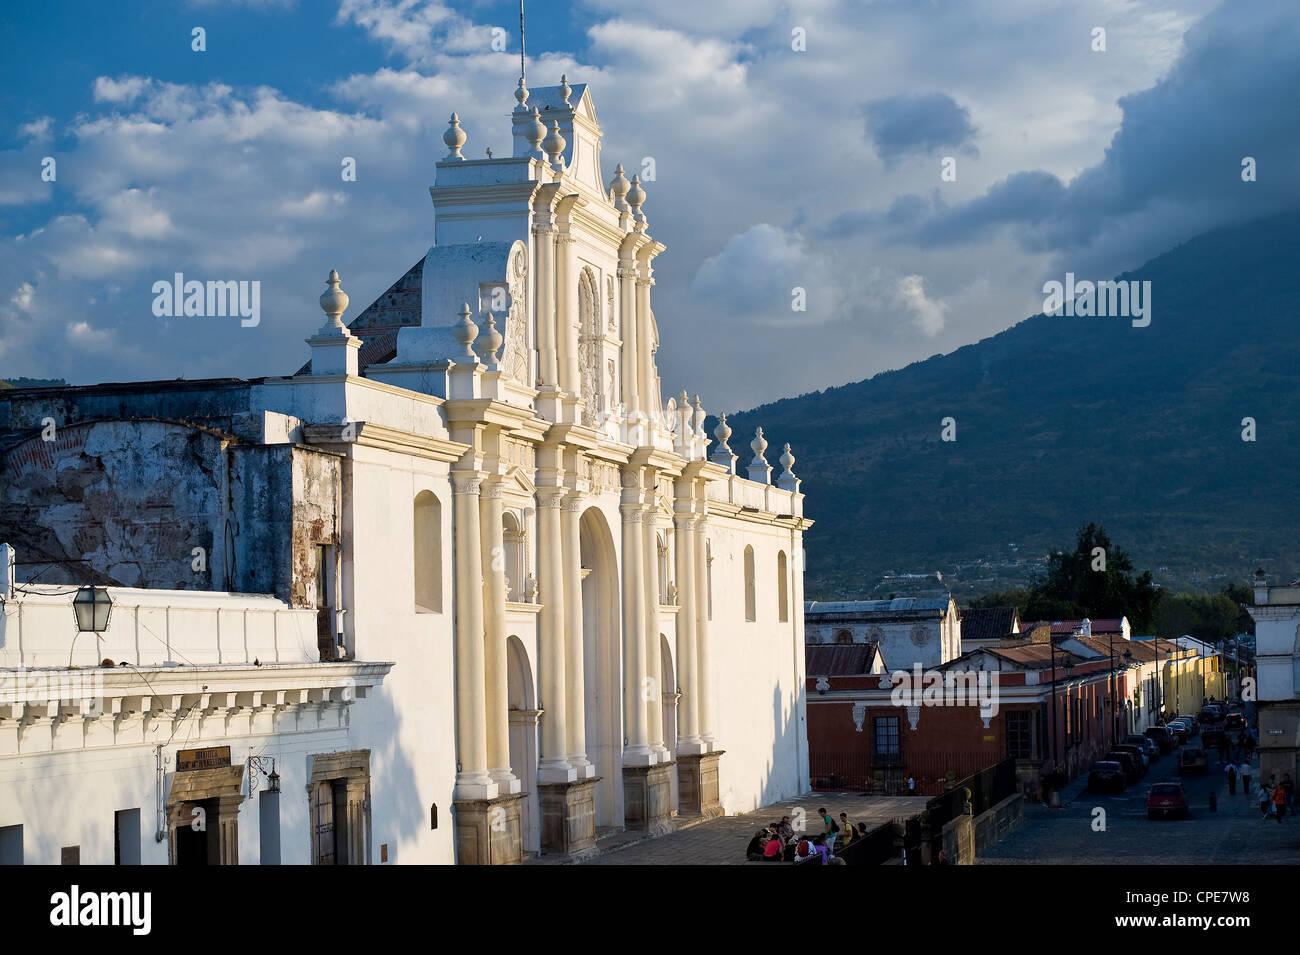 Cathédrale de San Jose, UNESCO World Heritage Site, Antigua, Guatemala, Amérique Centrale Photo Stock